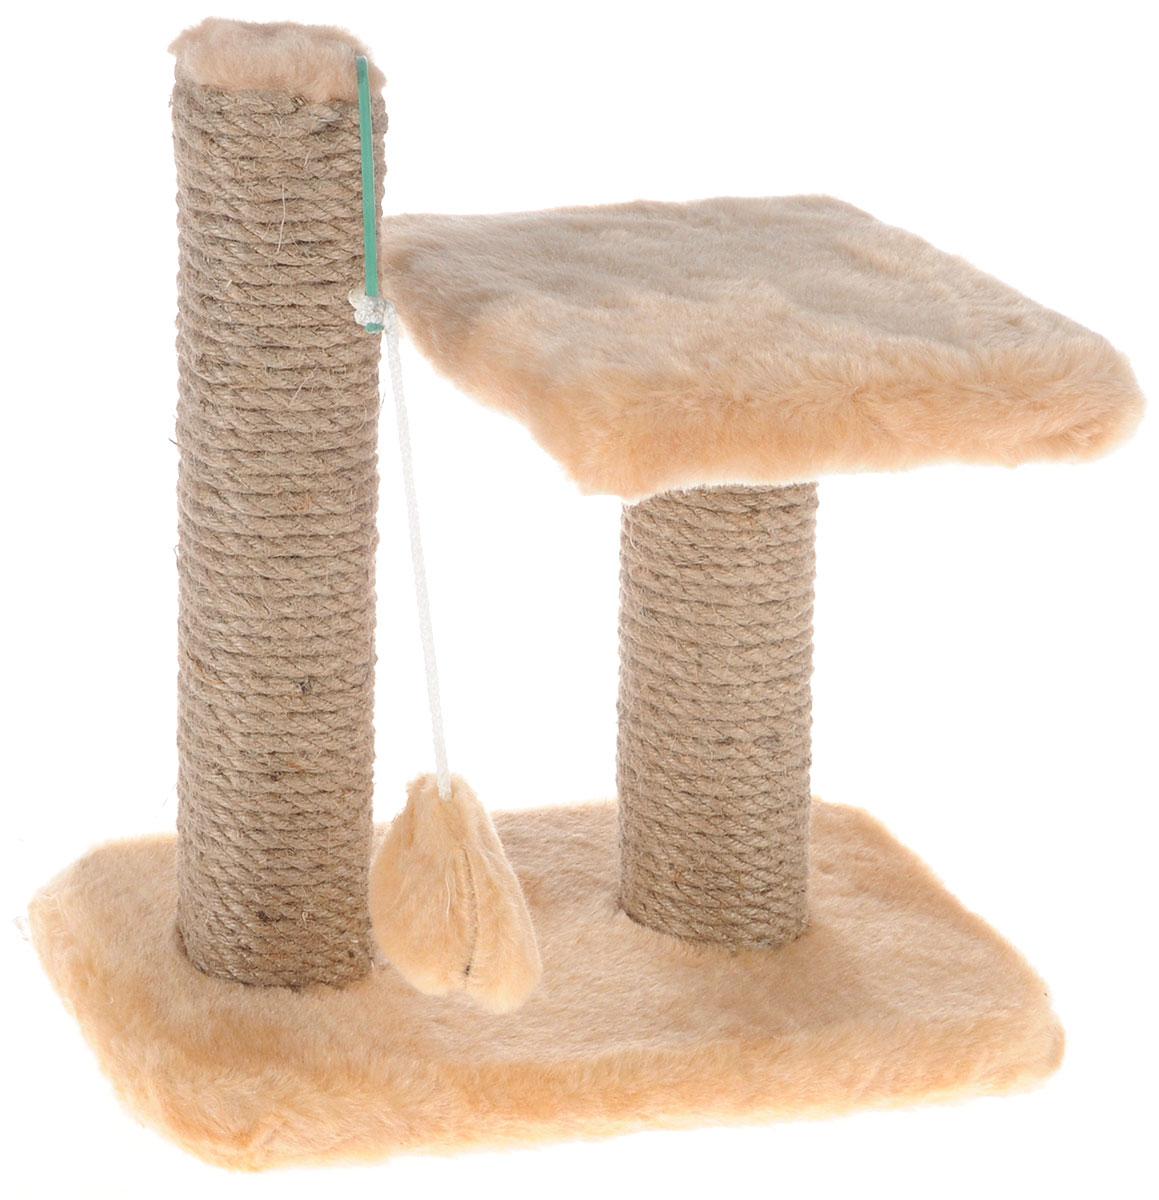 Когтеточка для котят Меридиан, двойная, цвет: светло-коричневый, бежевый, 30 х 20 х 34 см0120710Когтеточка Меридиан предназначена для стачивания когтей вашего котенка и предотвращения их врастания. Она выполнена из ДВП, ДСП и обтянута искусственным мехом. Точатся когти о столбик из джута. Когтеточка оснащена подвесной игрушкой и полкой, на которой котенок сможет отдохнуть.Когтеточка позволяет сохранить неповрежденными мебель и другие предметы интерьера.